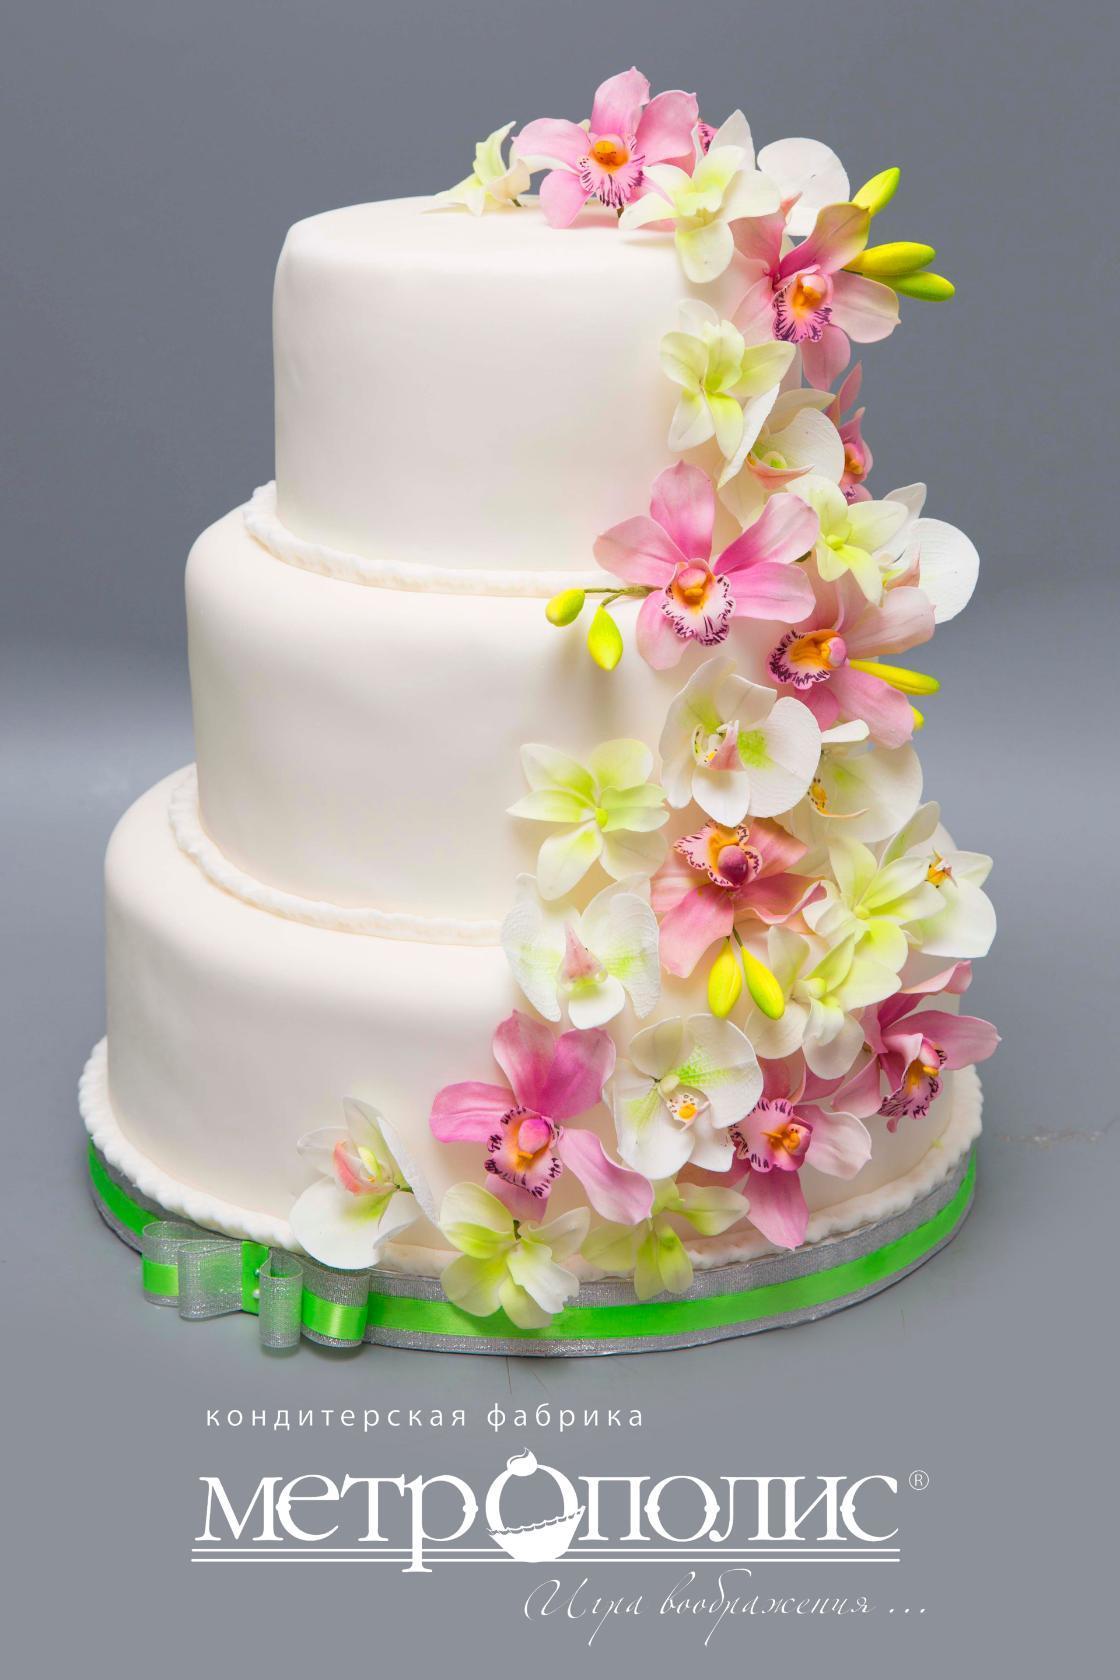 День кондитера. Торт с орхидеями